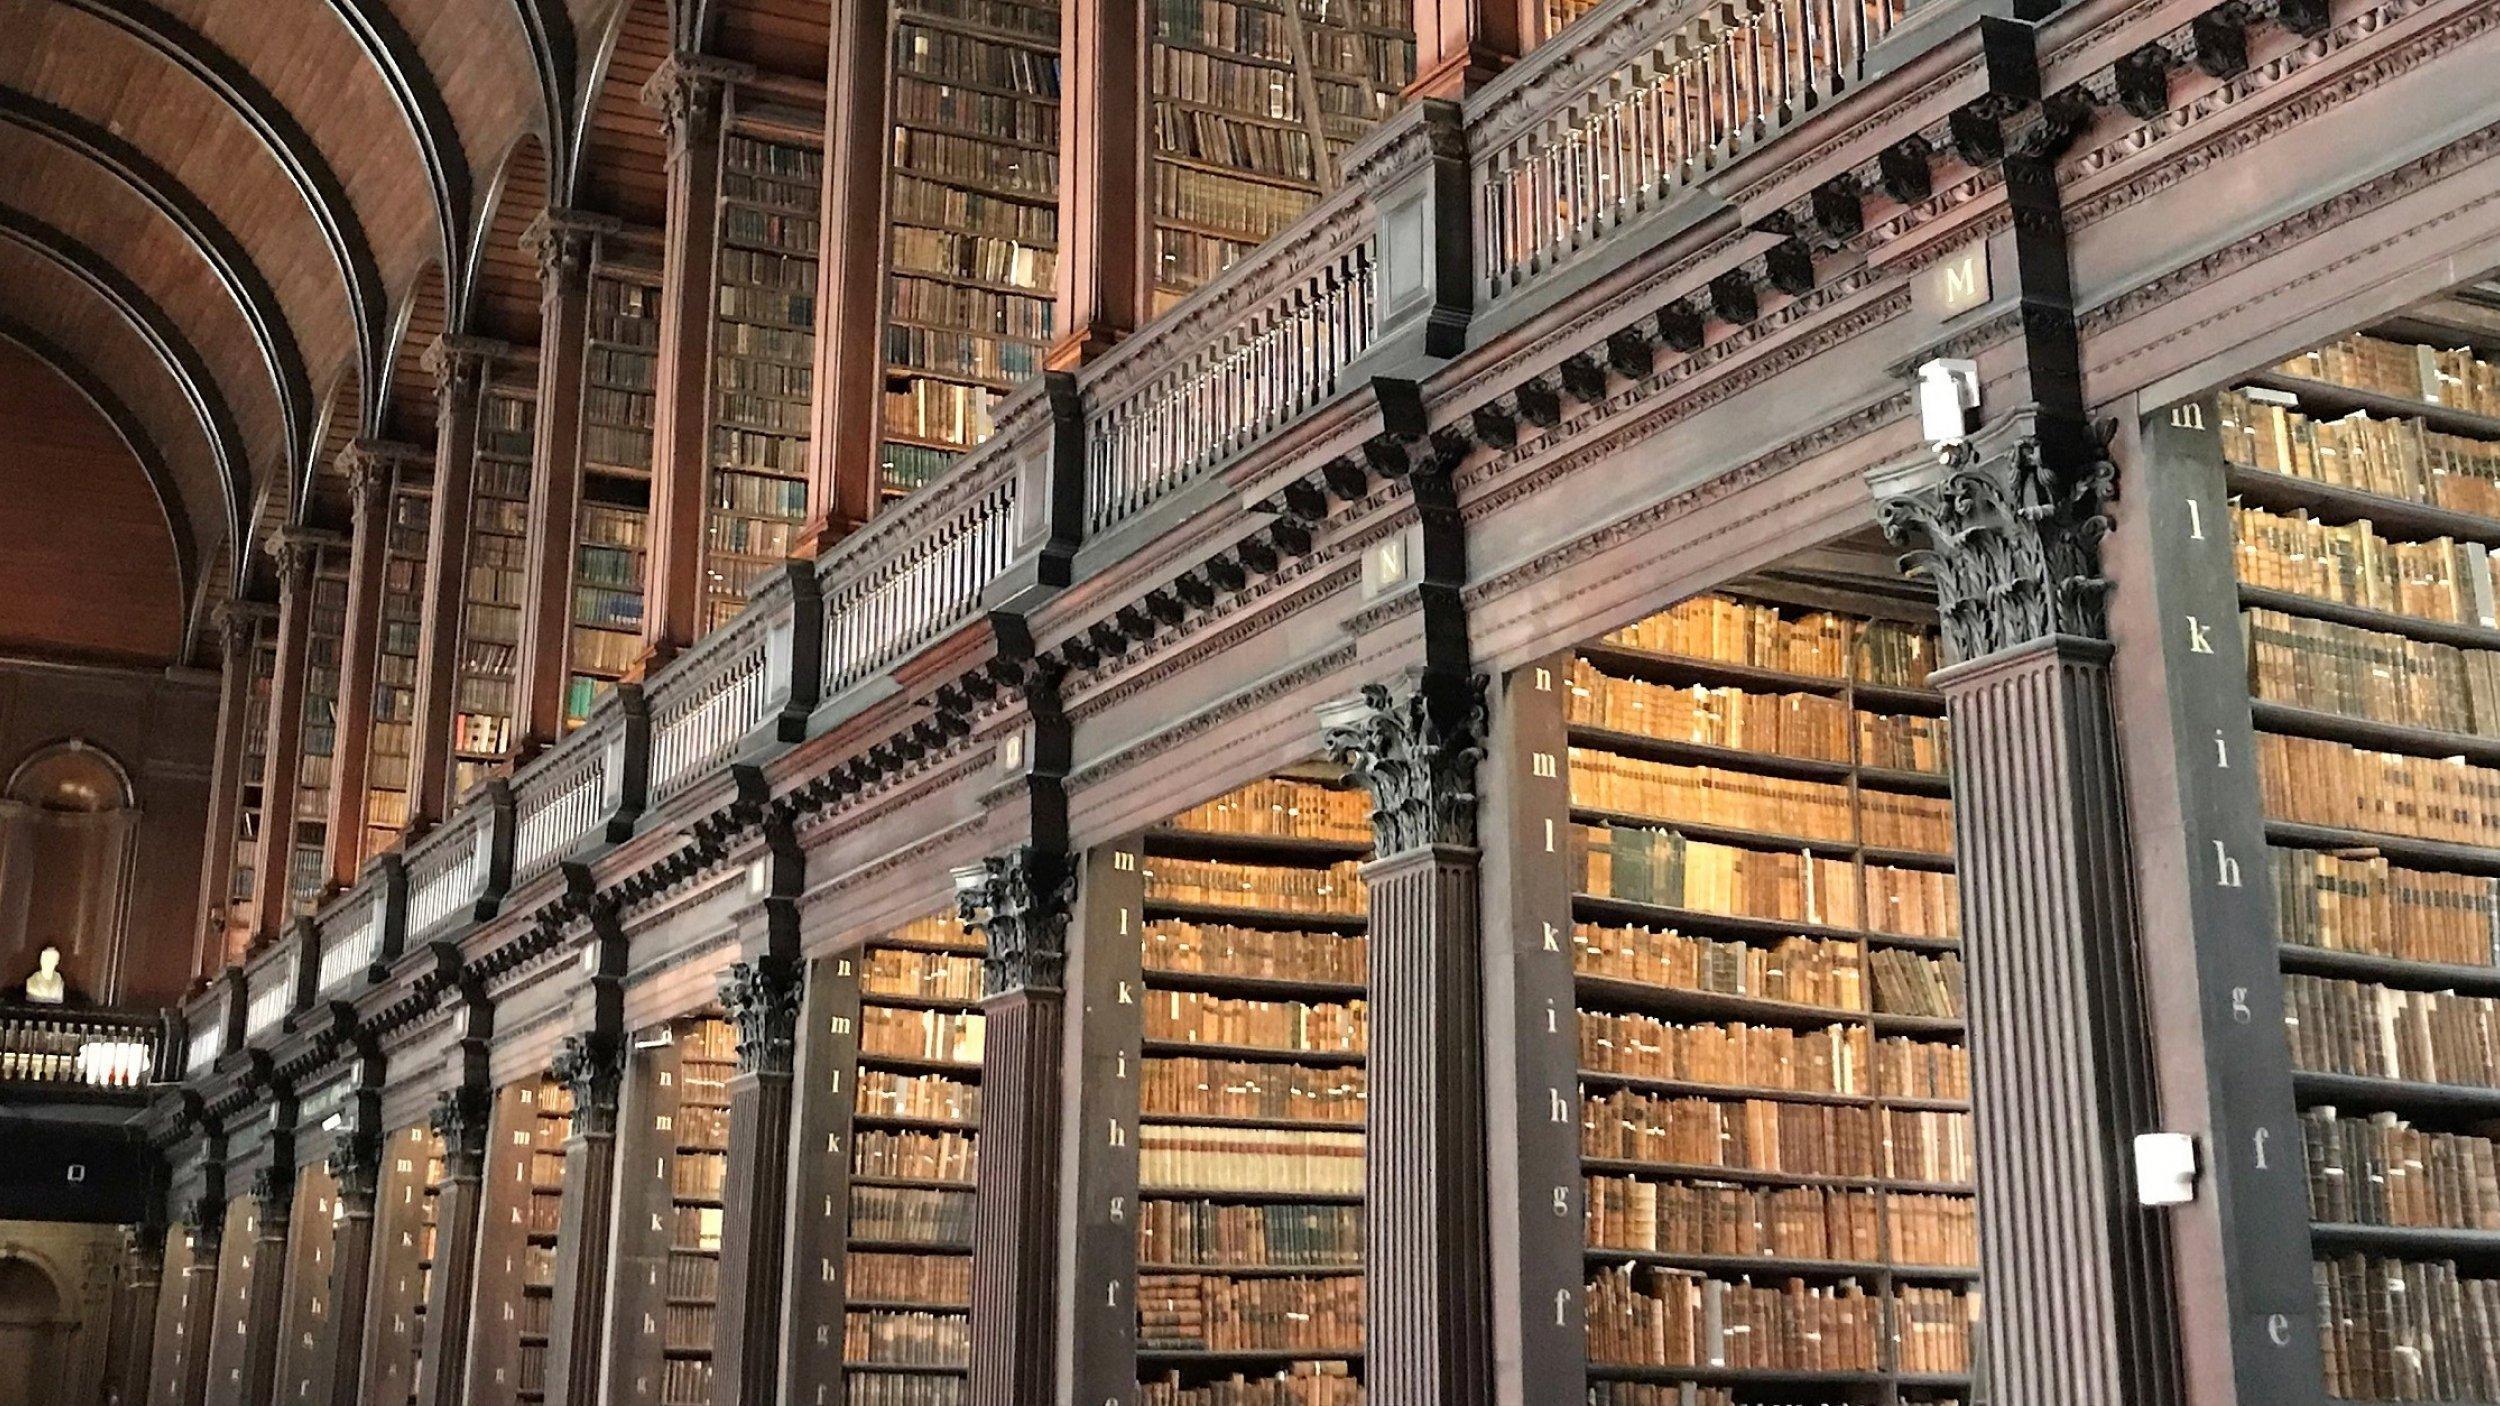 Ein hoher Saal mit zahlreichen Bücherregalen, gefüllt mit kostbaren Büchern. Das Trinity College in Dublin hat eine der ehrwürdigsten Bibliotheken der Welt.